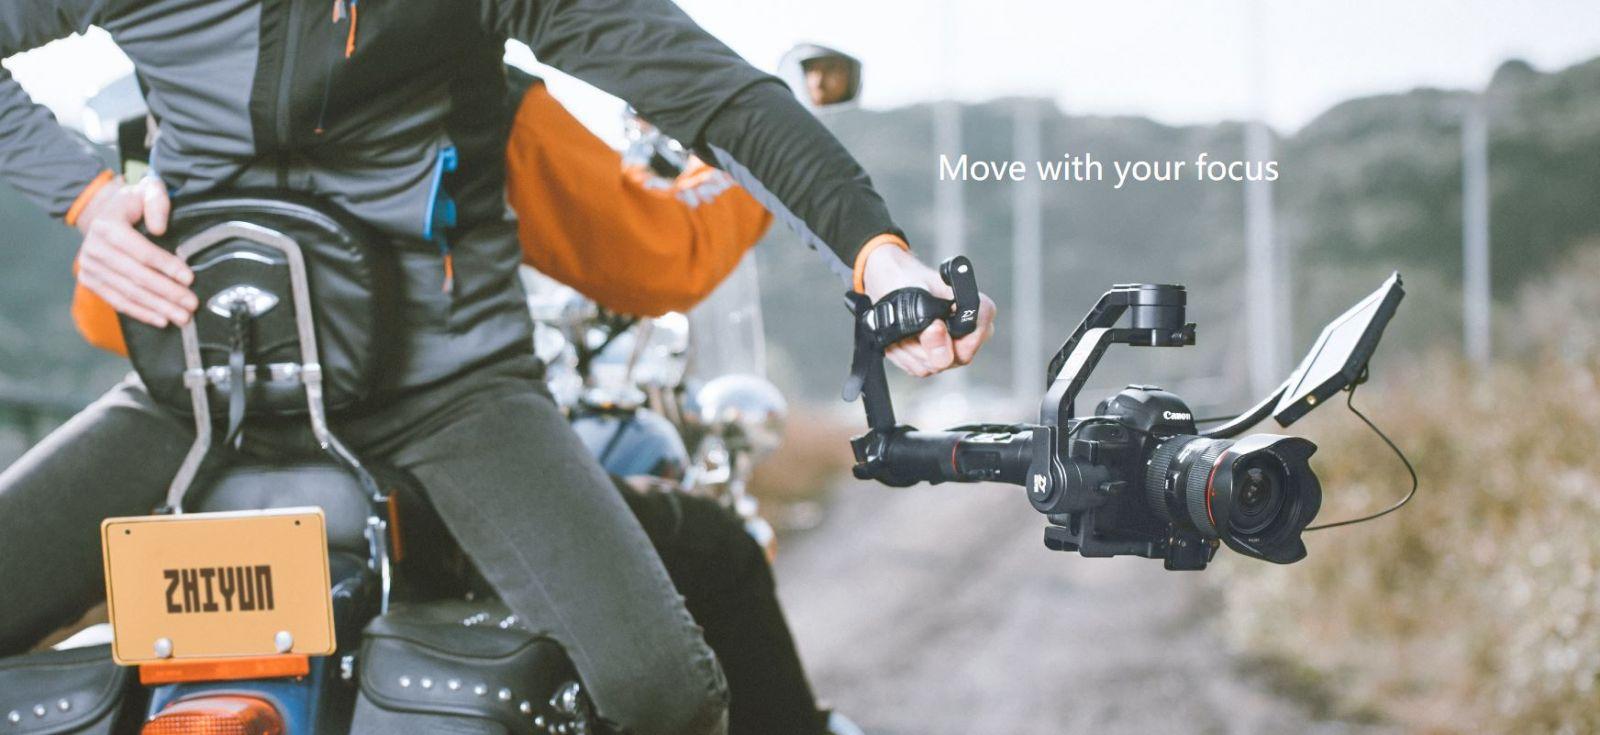 Zhiyun Tech Crane 2 3 Axis Smart Control Gimbal Stabilizer Black Servo Follow Focus Mechanical Dari Terintegrasi Dapat Anda Padukan Dengan Roda Fokus Yang Belum Pernah Ada Sebelumnya Terpasangnya Teknologi